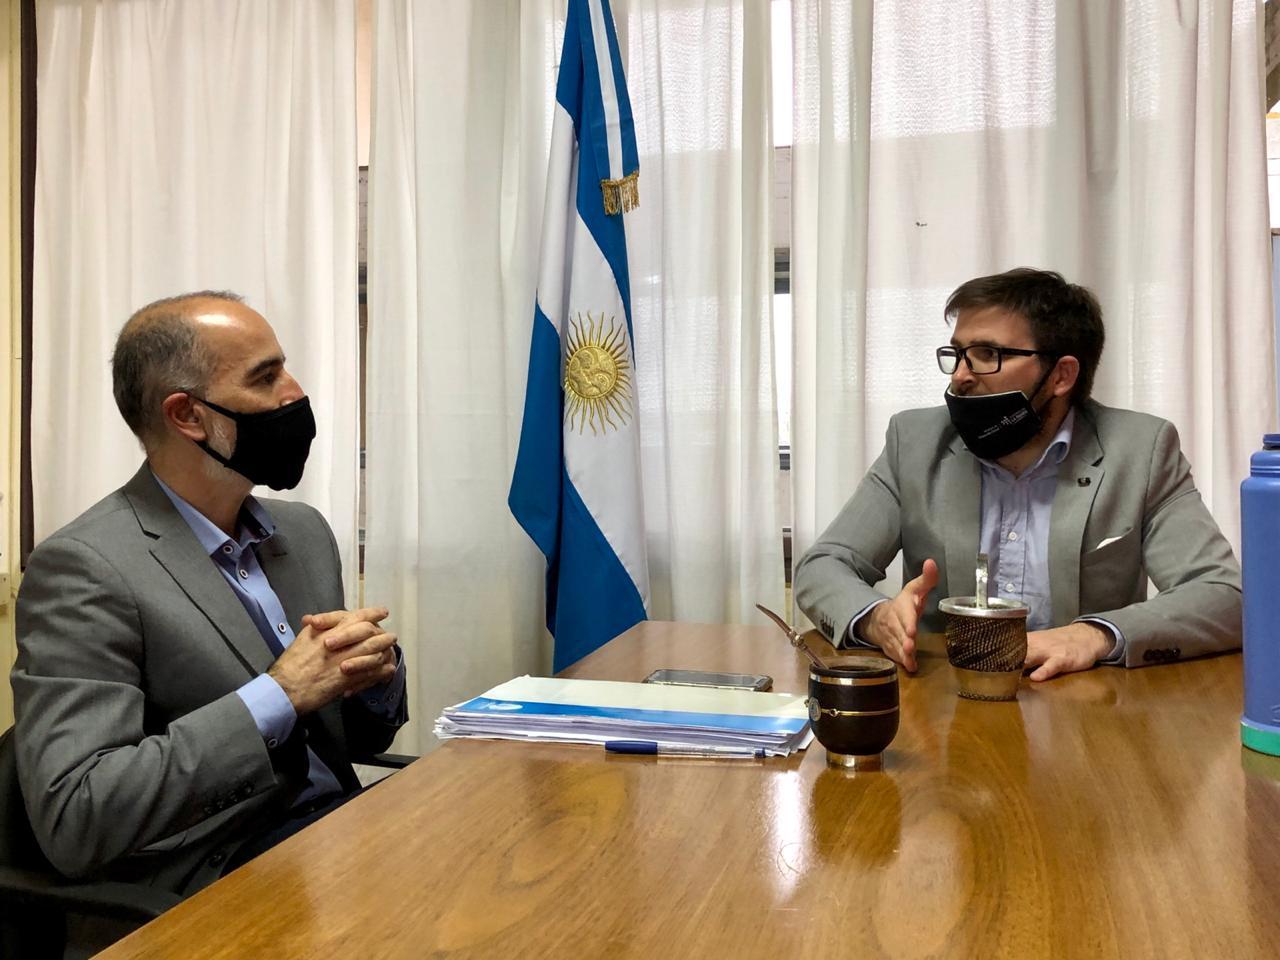 López se reunió con Curciarello por la implementación de la firma digital en el Concejo Deliberante y la «distribución del servicio de internet» en General Pico